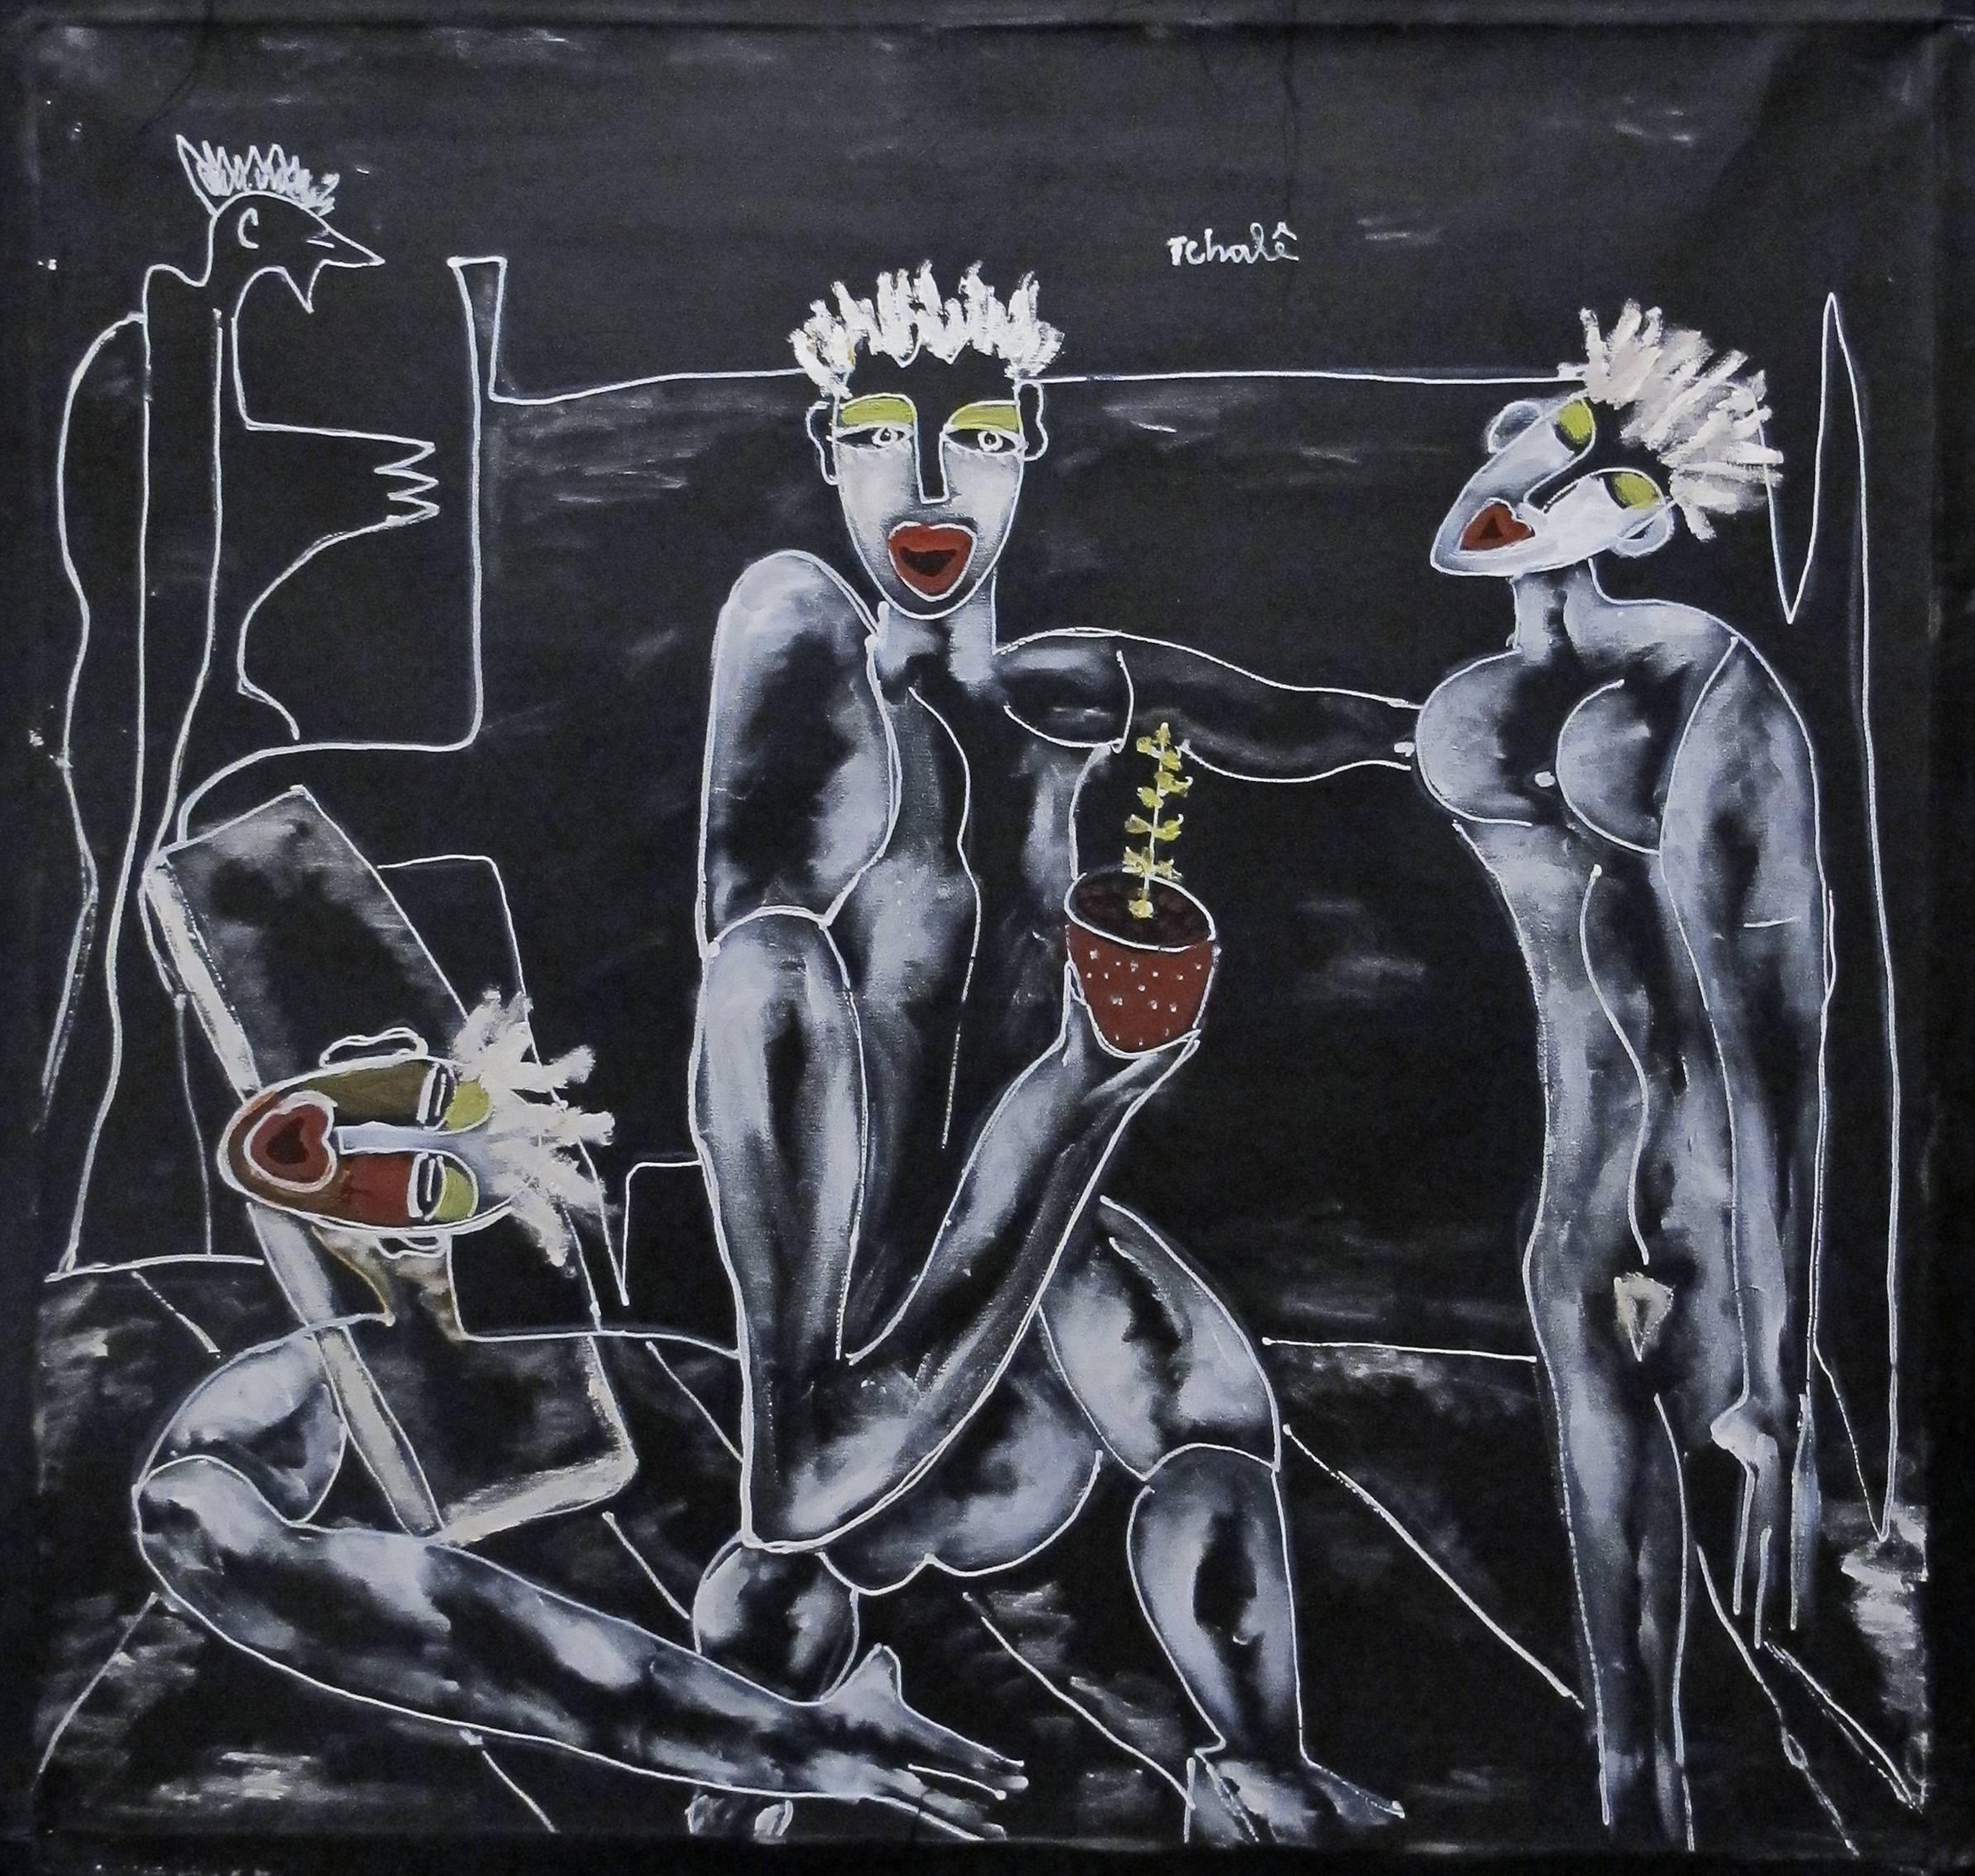 El regalo (2014) - Carlos Tchale Figueira